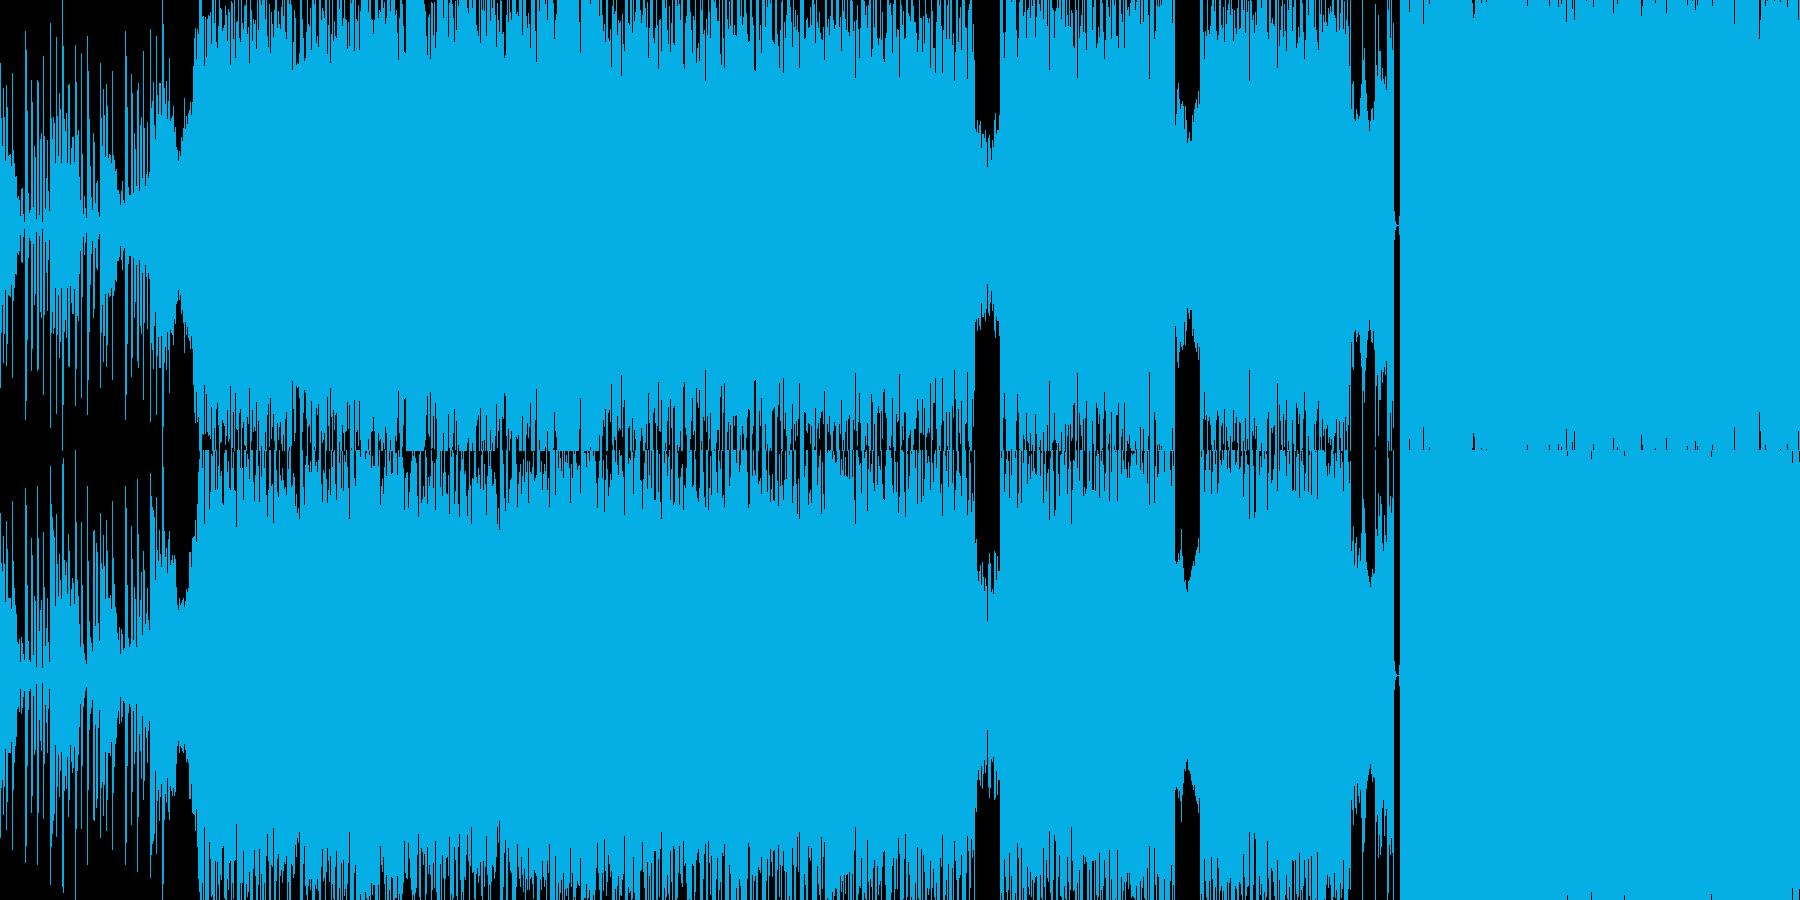 ループ仕様のデジタル系ロックの再生済みの波形